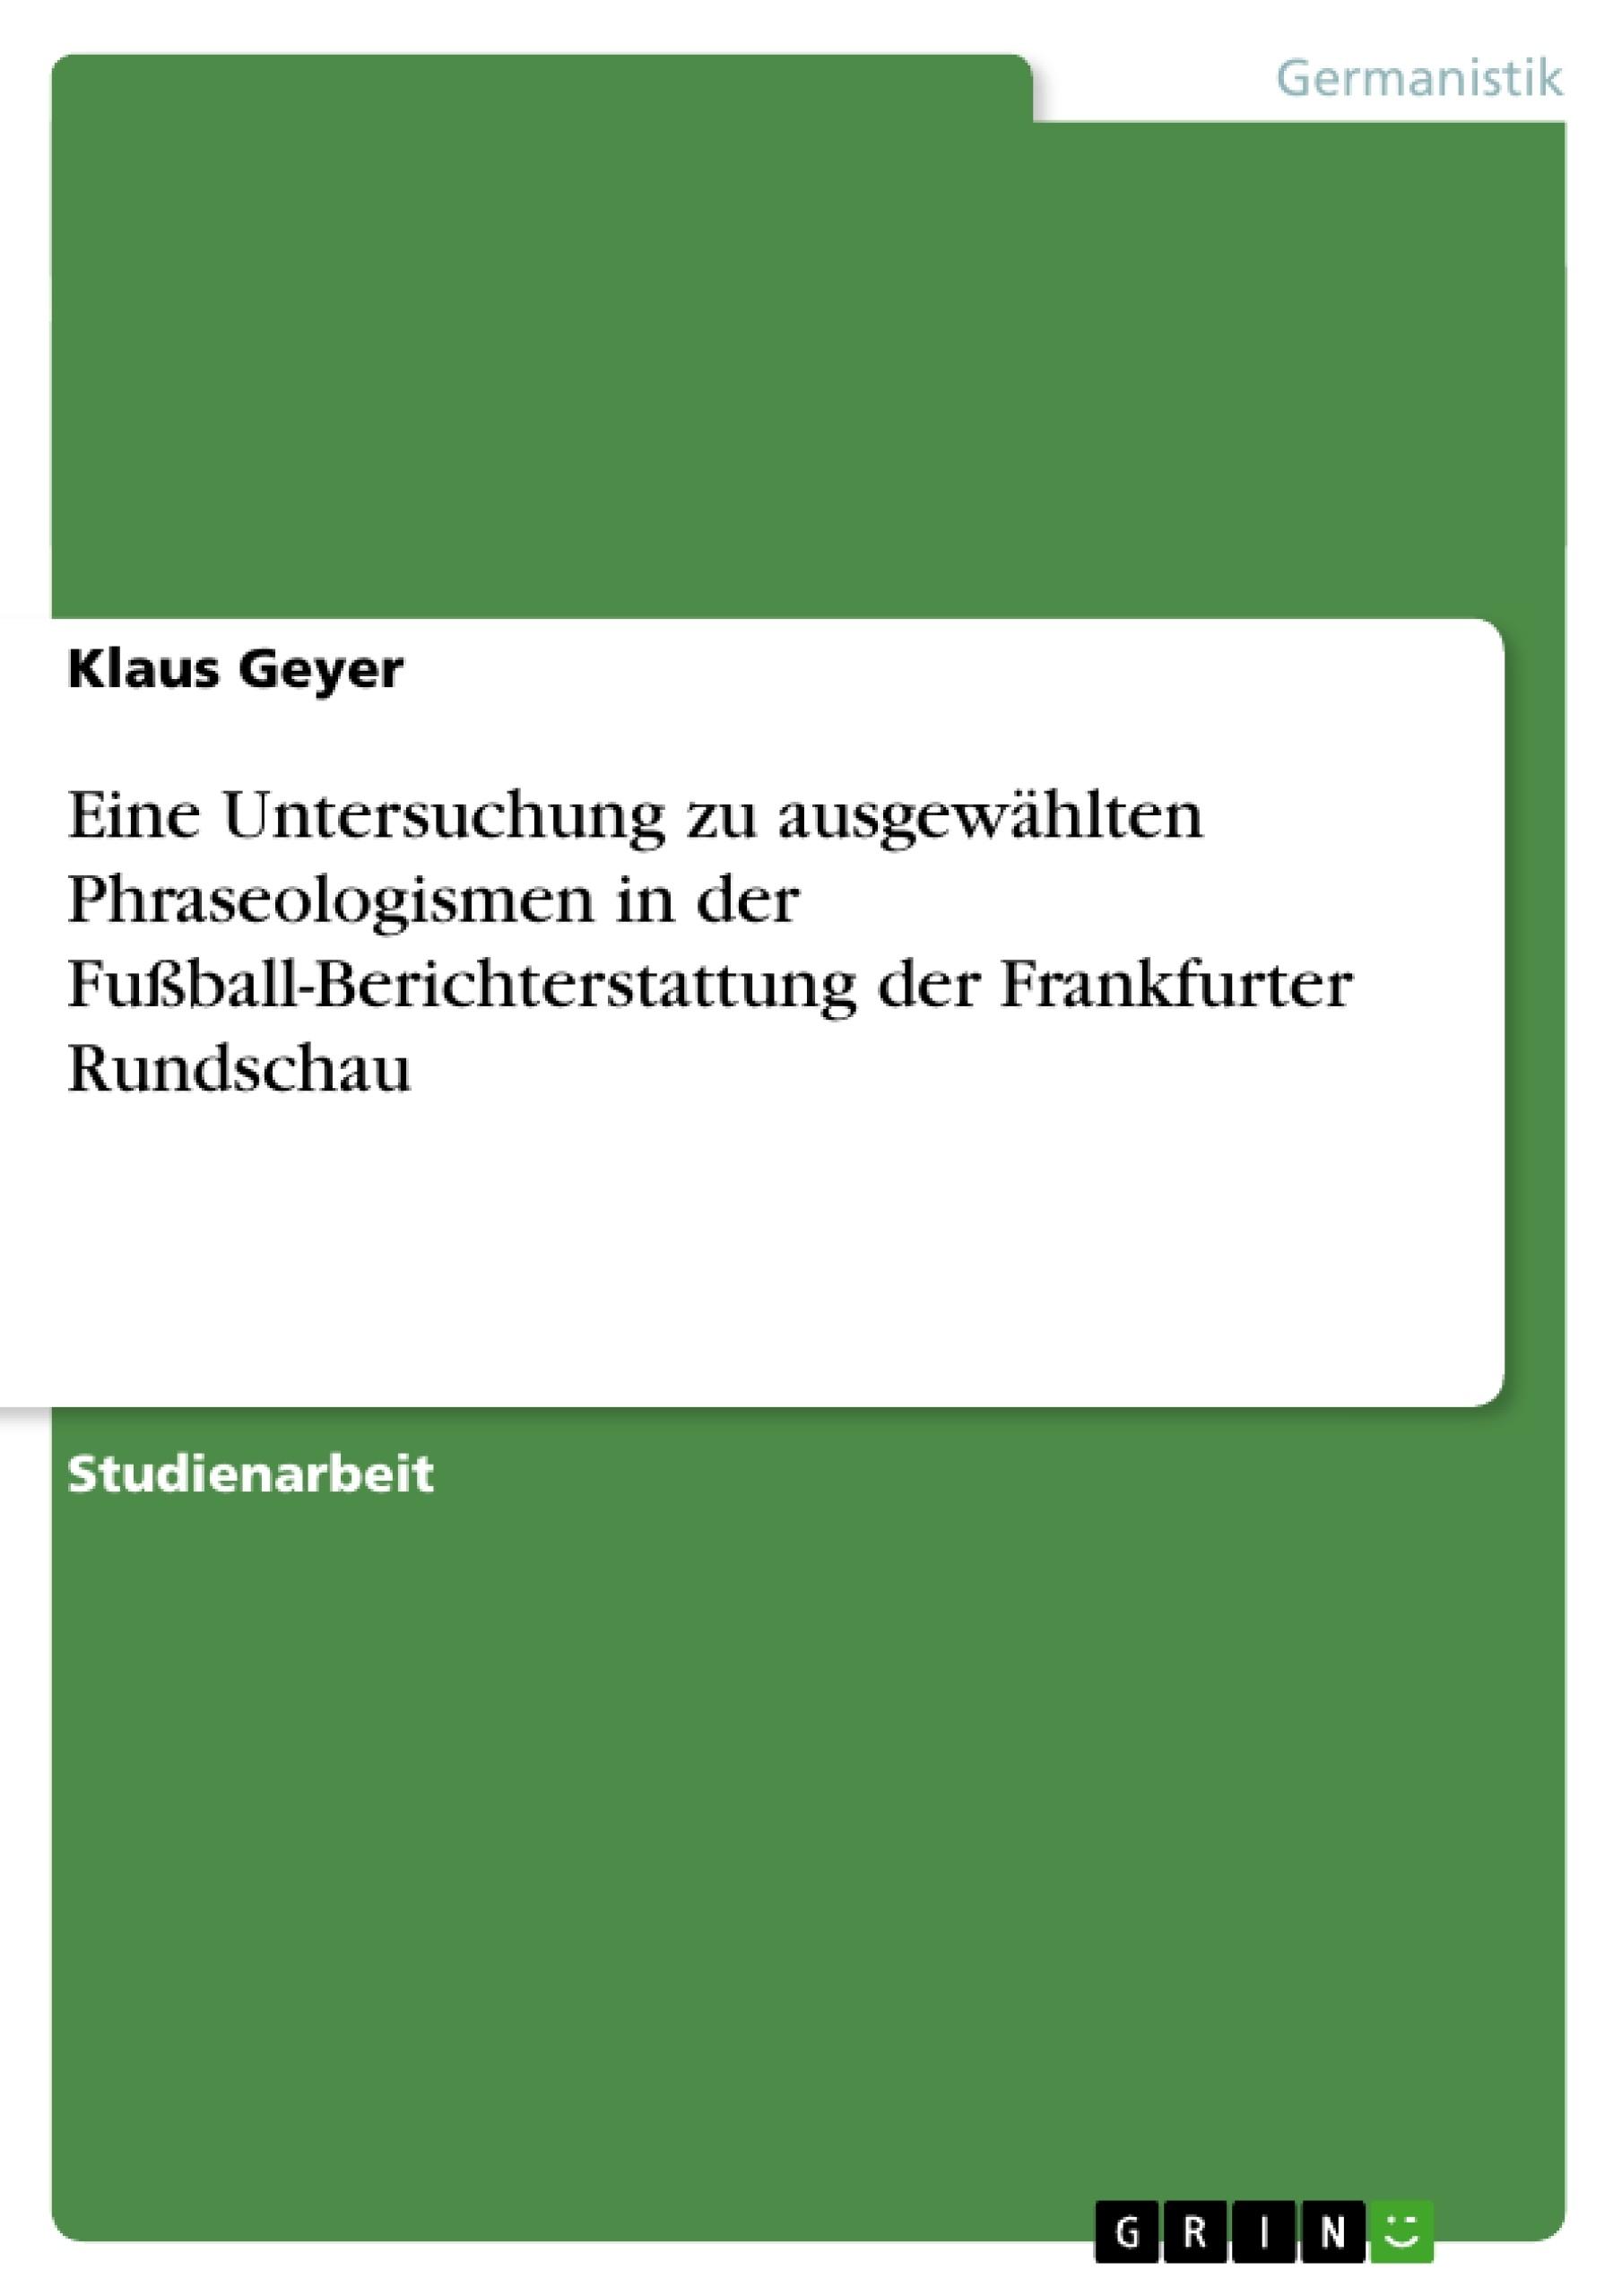 Titel: Eine Untersuchung zu ausgewählten Phraseologismen in der Fußball-Berichterstattung der Frankfurter Rundschau